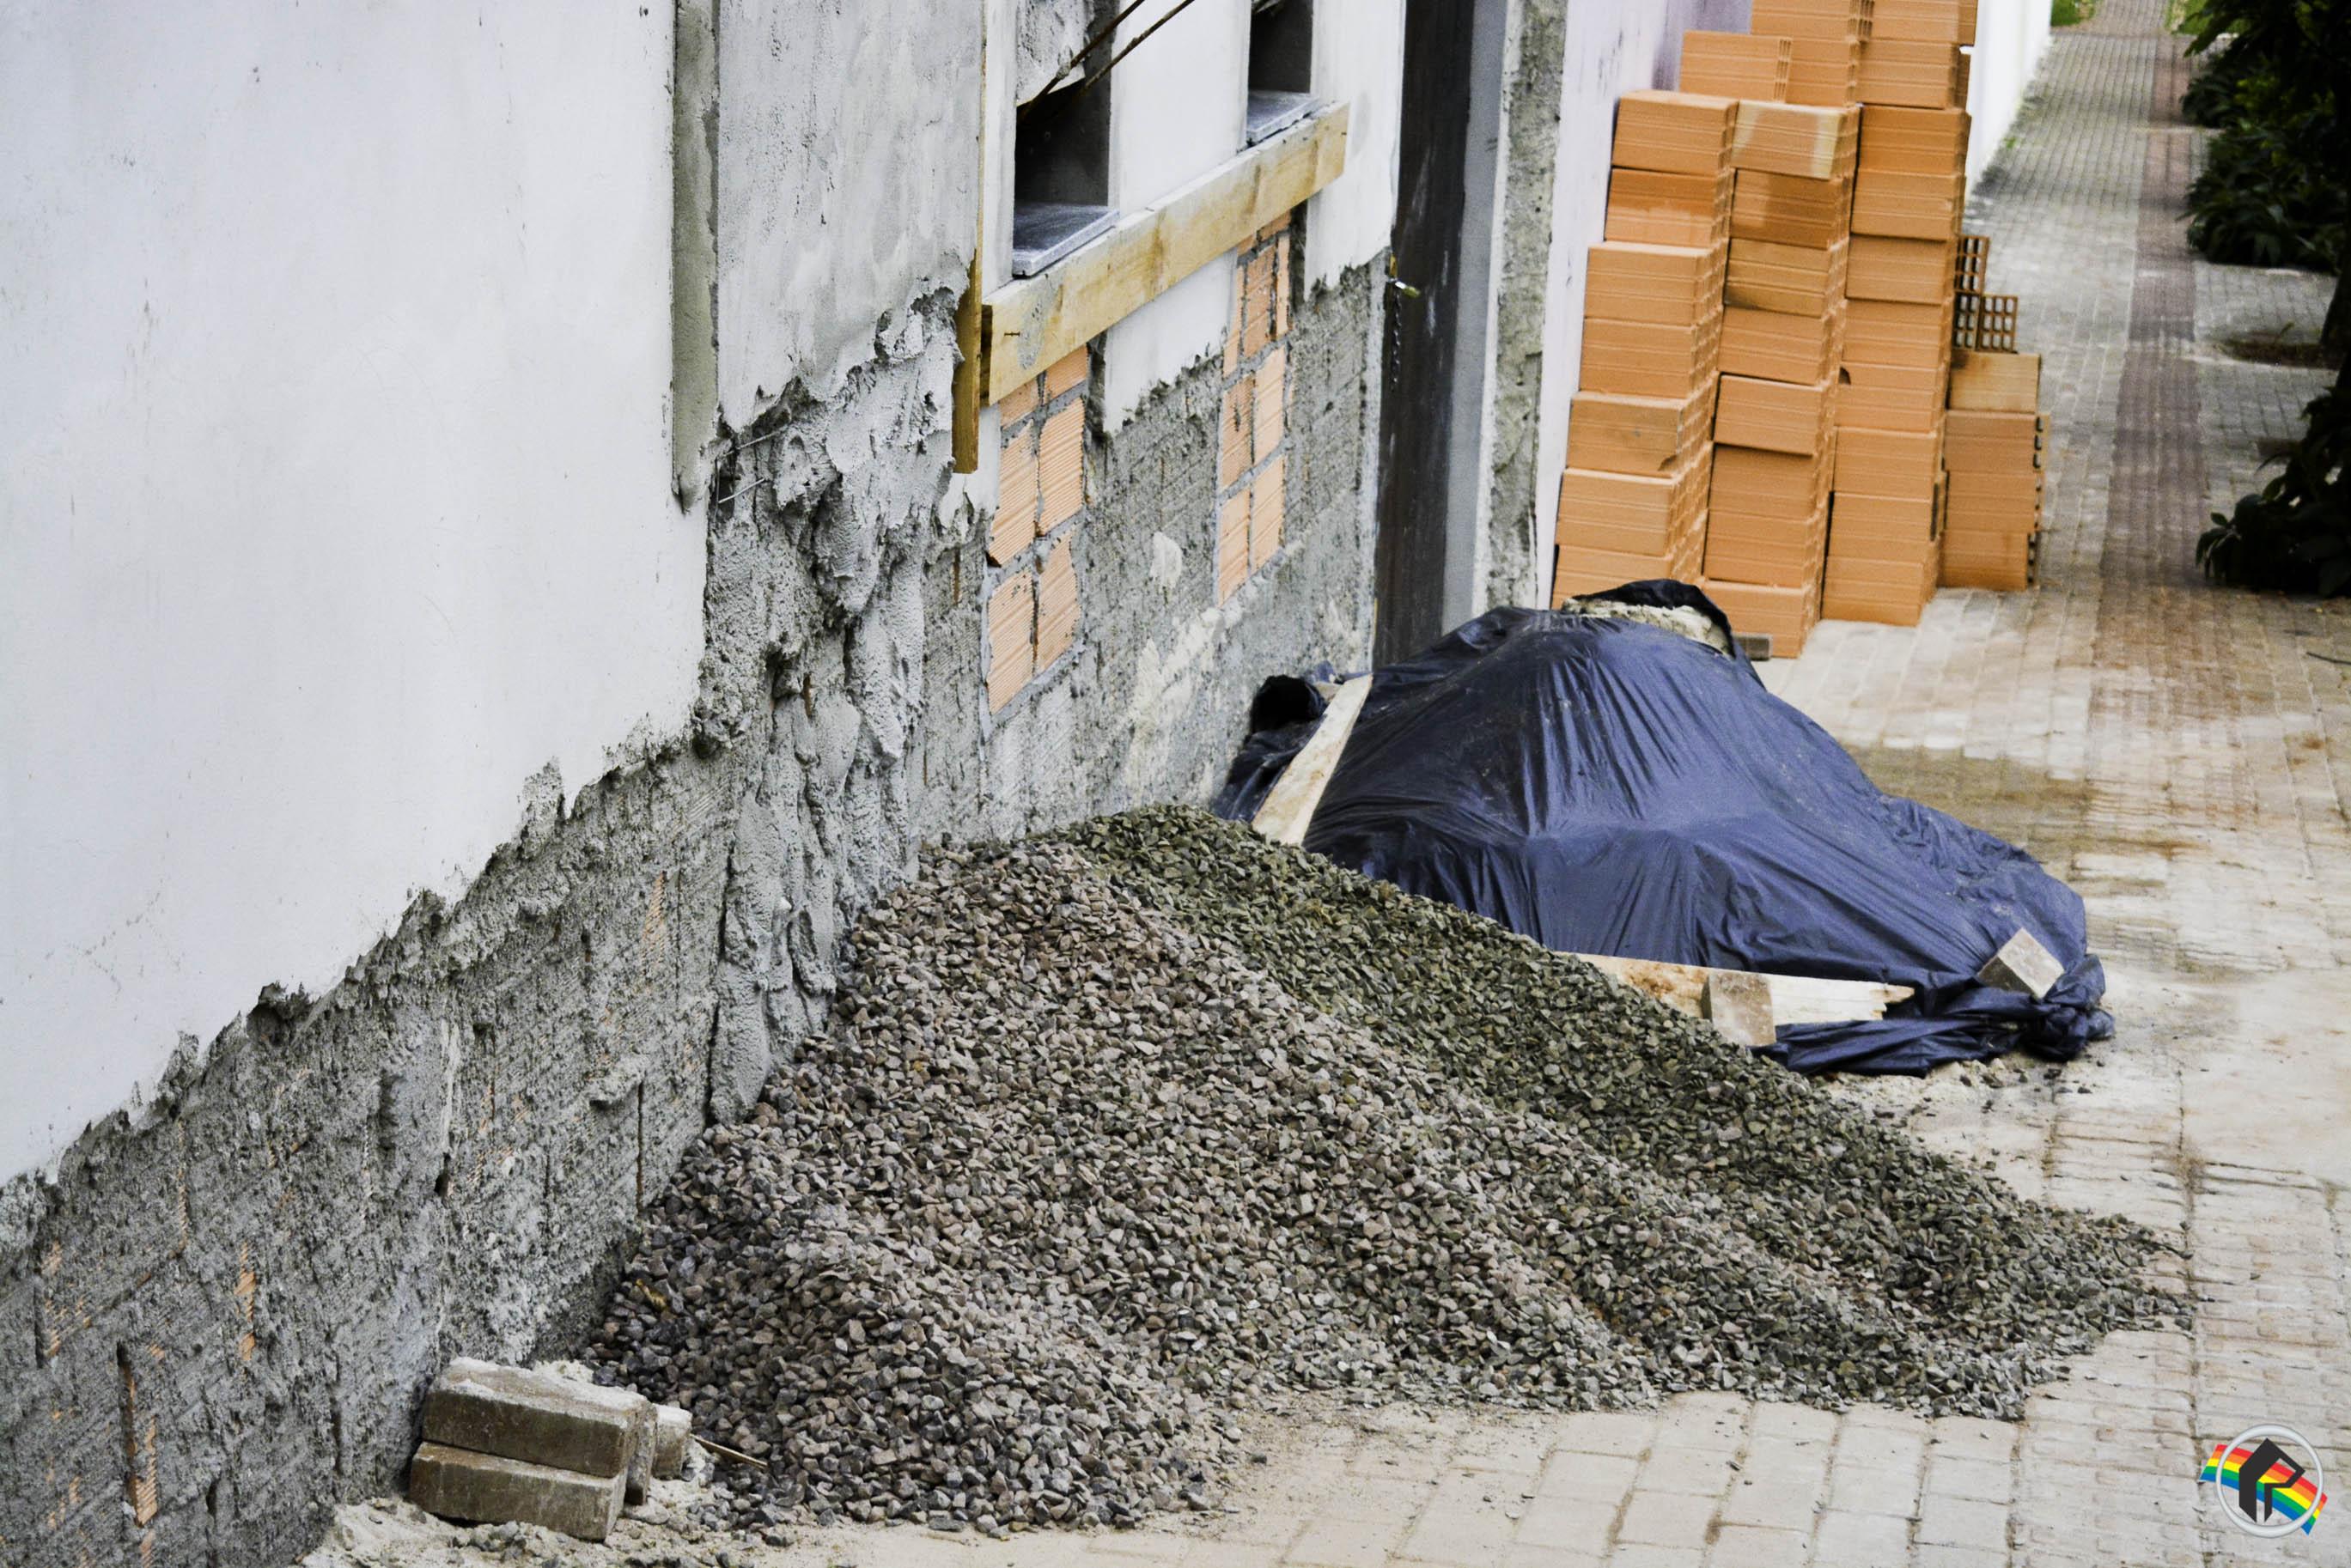 Objetos são furtados de obra no centro de São Miguel do Oeste